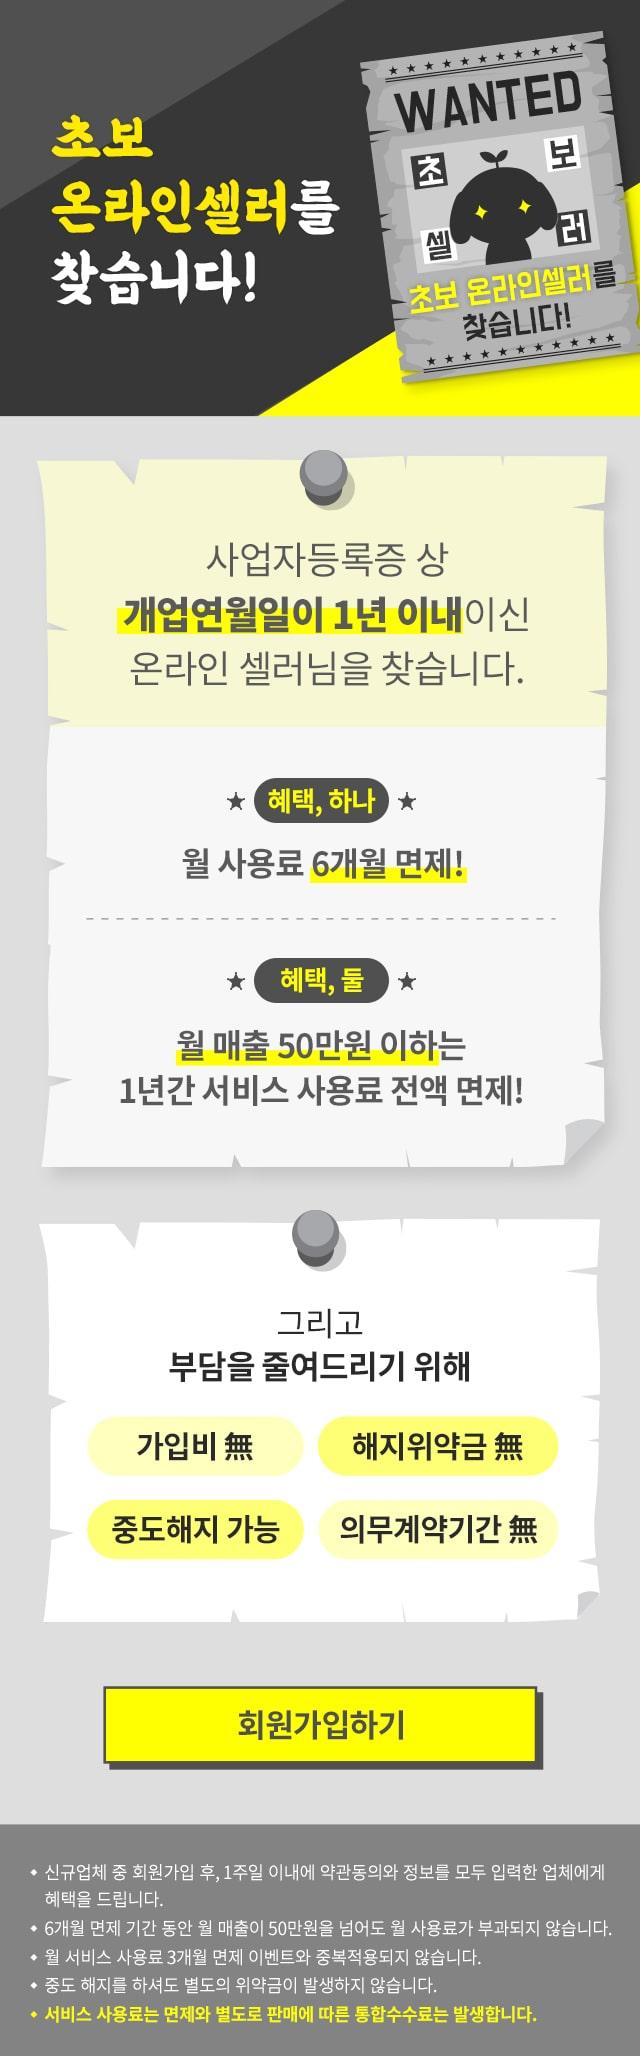 이벤트배너 상세내용